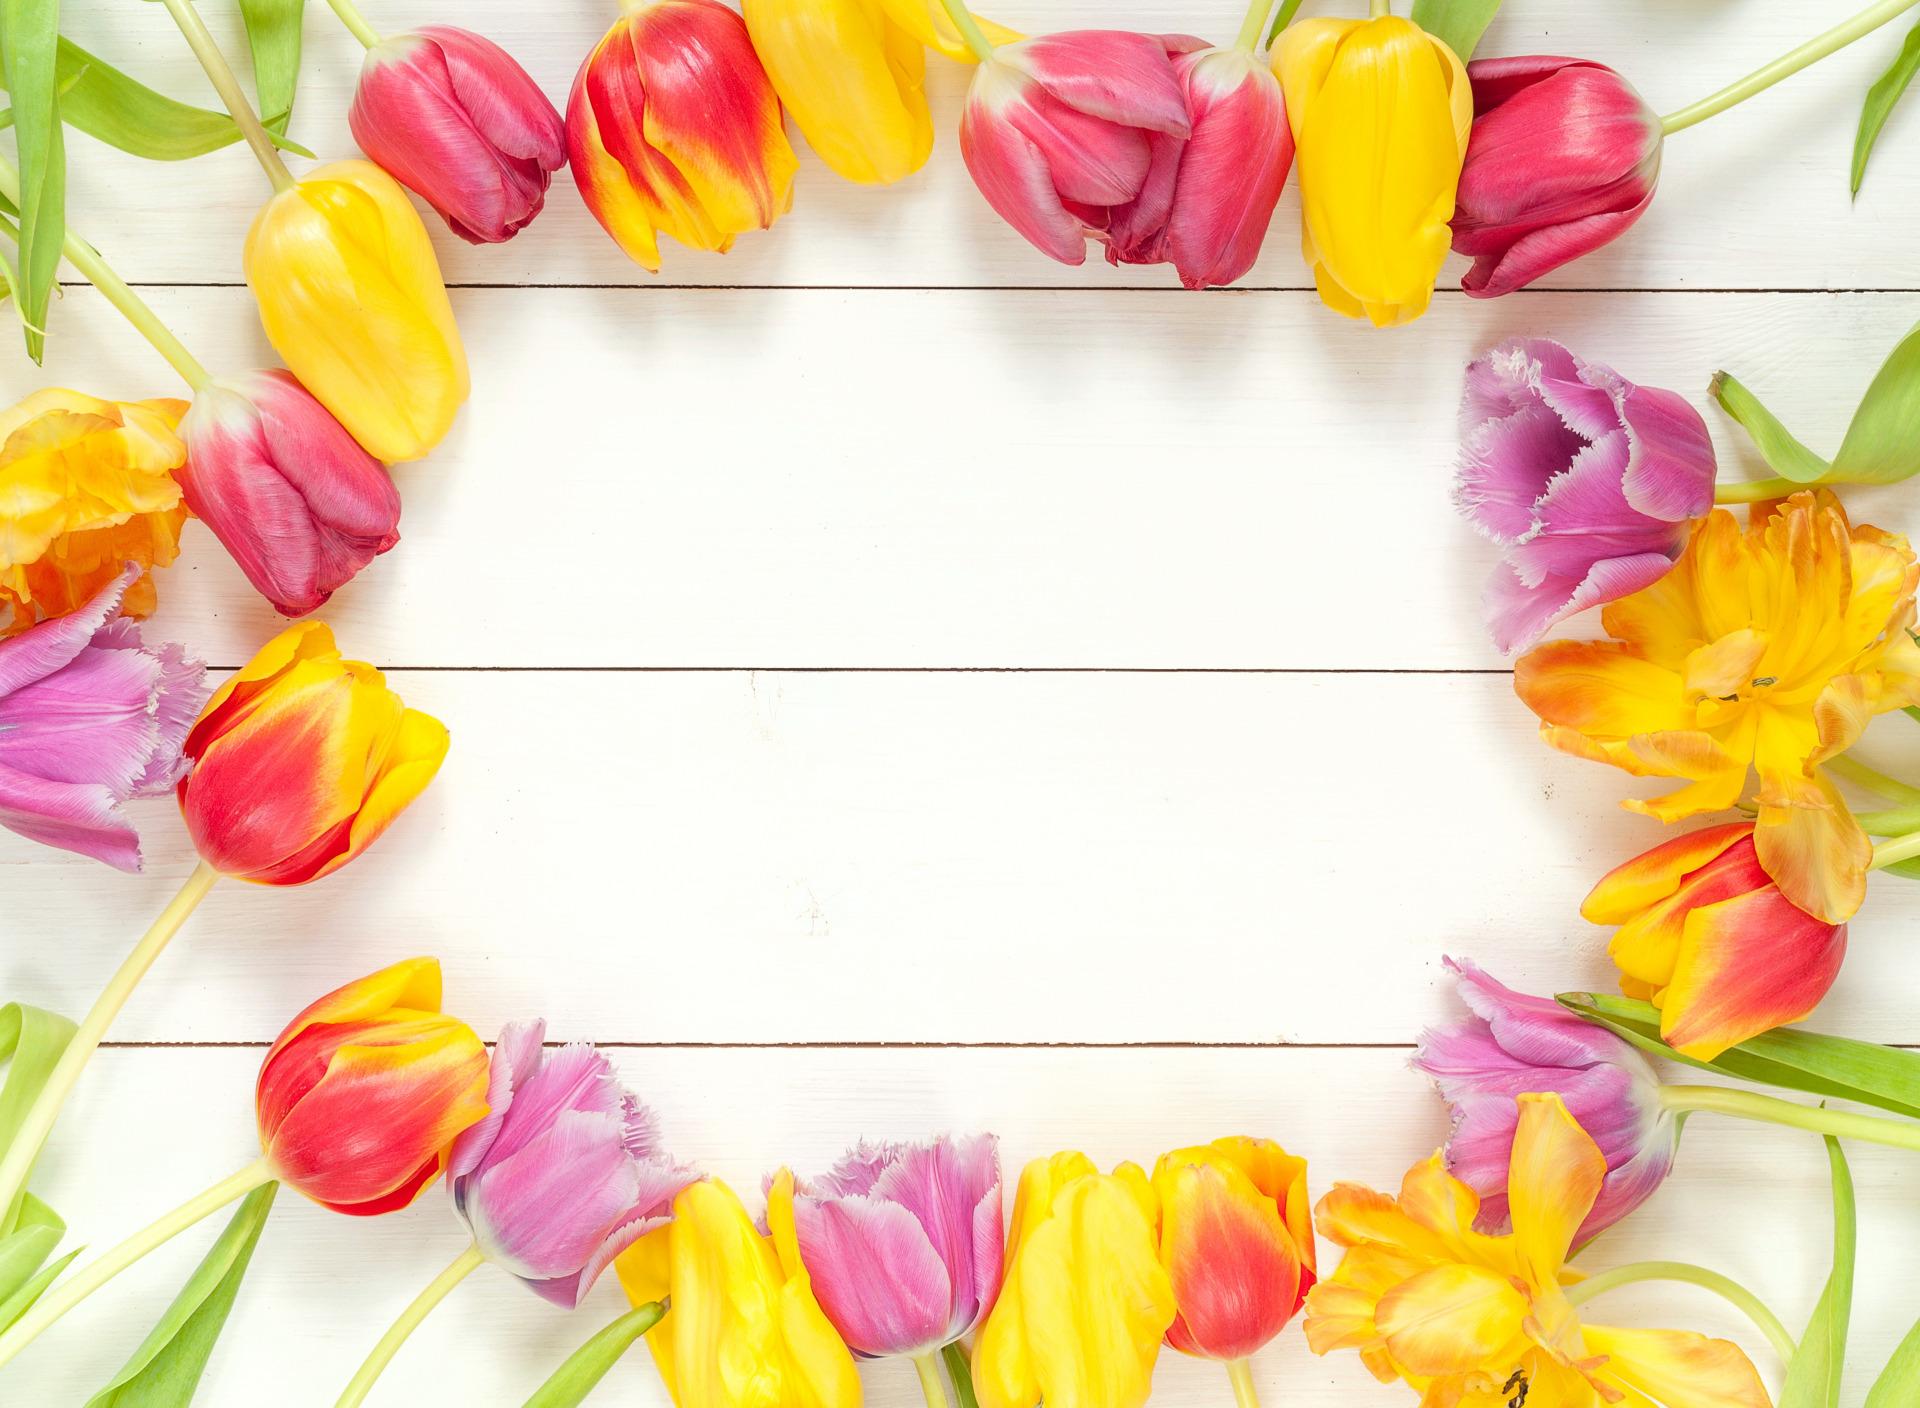 Фоторамка из цветов с тюльпанами